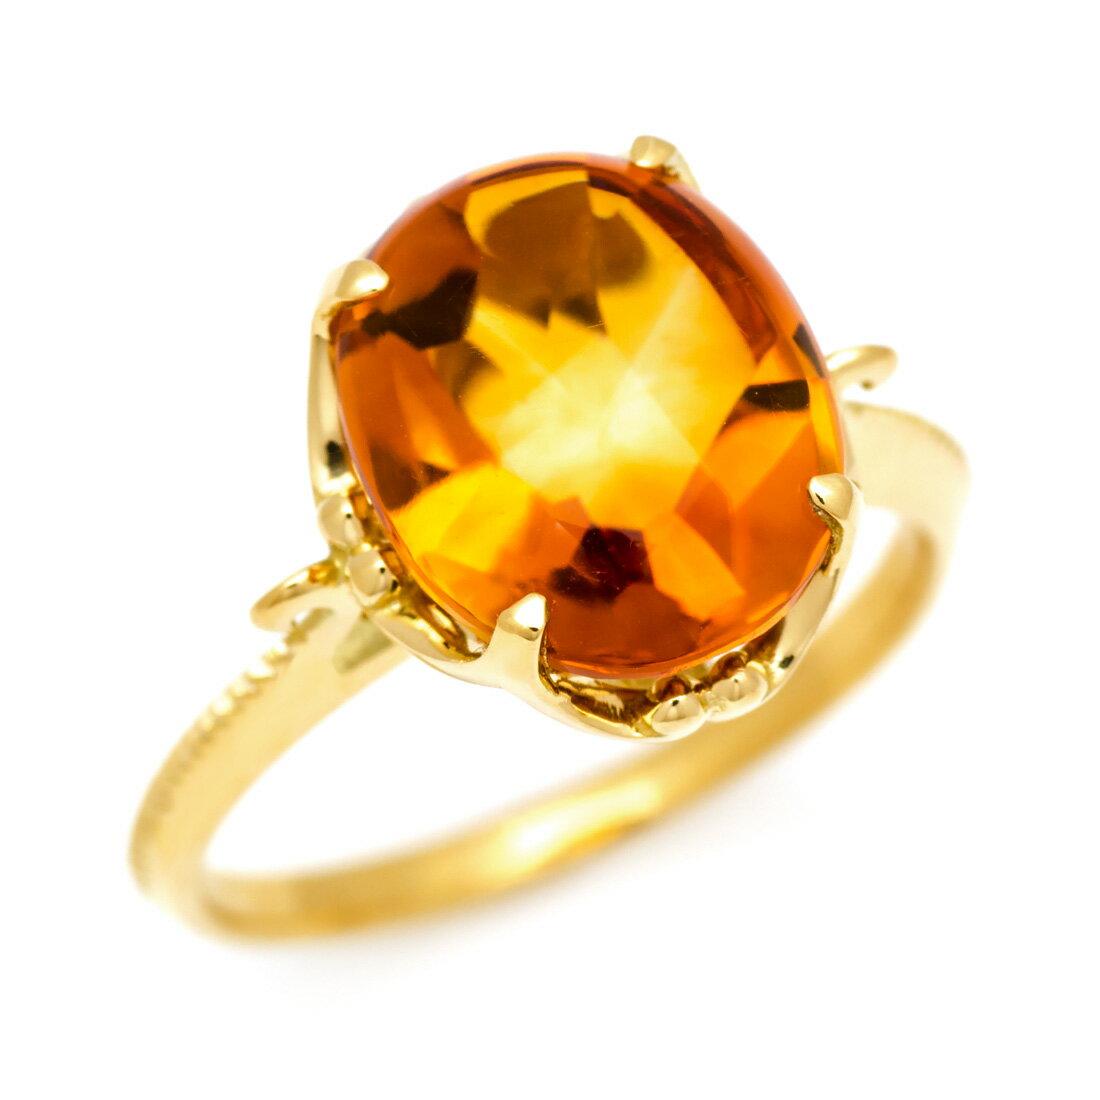 K18 シトリン リング 「caramella」送料無料 指輪 ゴールド 18K 18金 カボッションカット 誕生日 11月誕生石 刻印 文字入れ メッセージ ギフト 贈り物 ピンキーリング対応可能